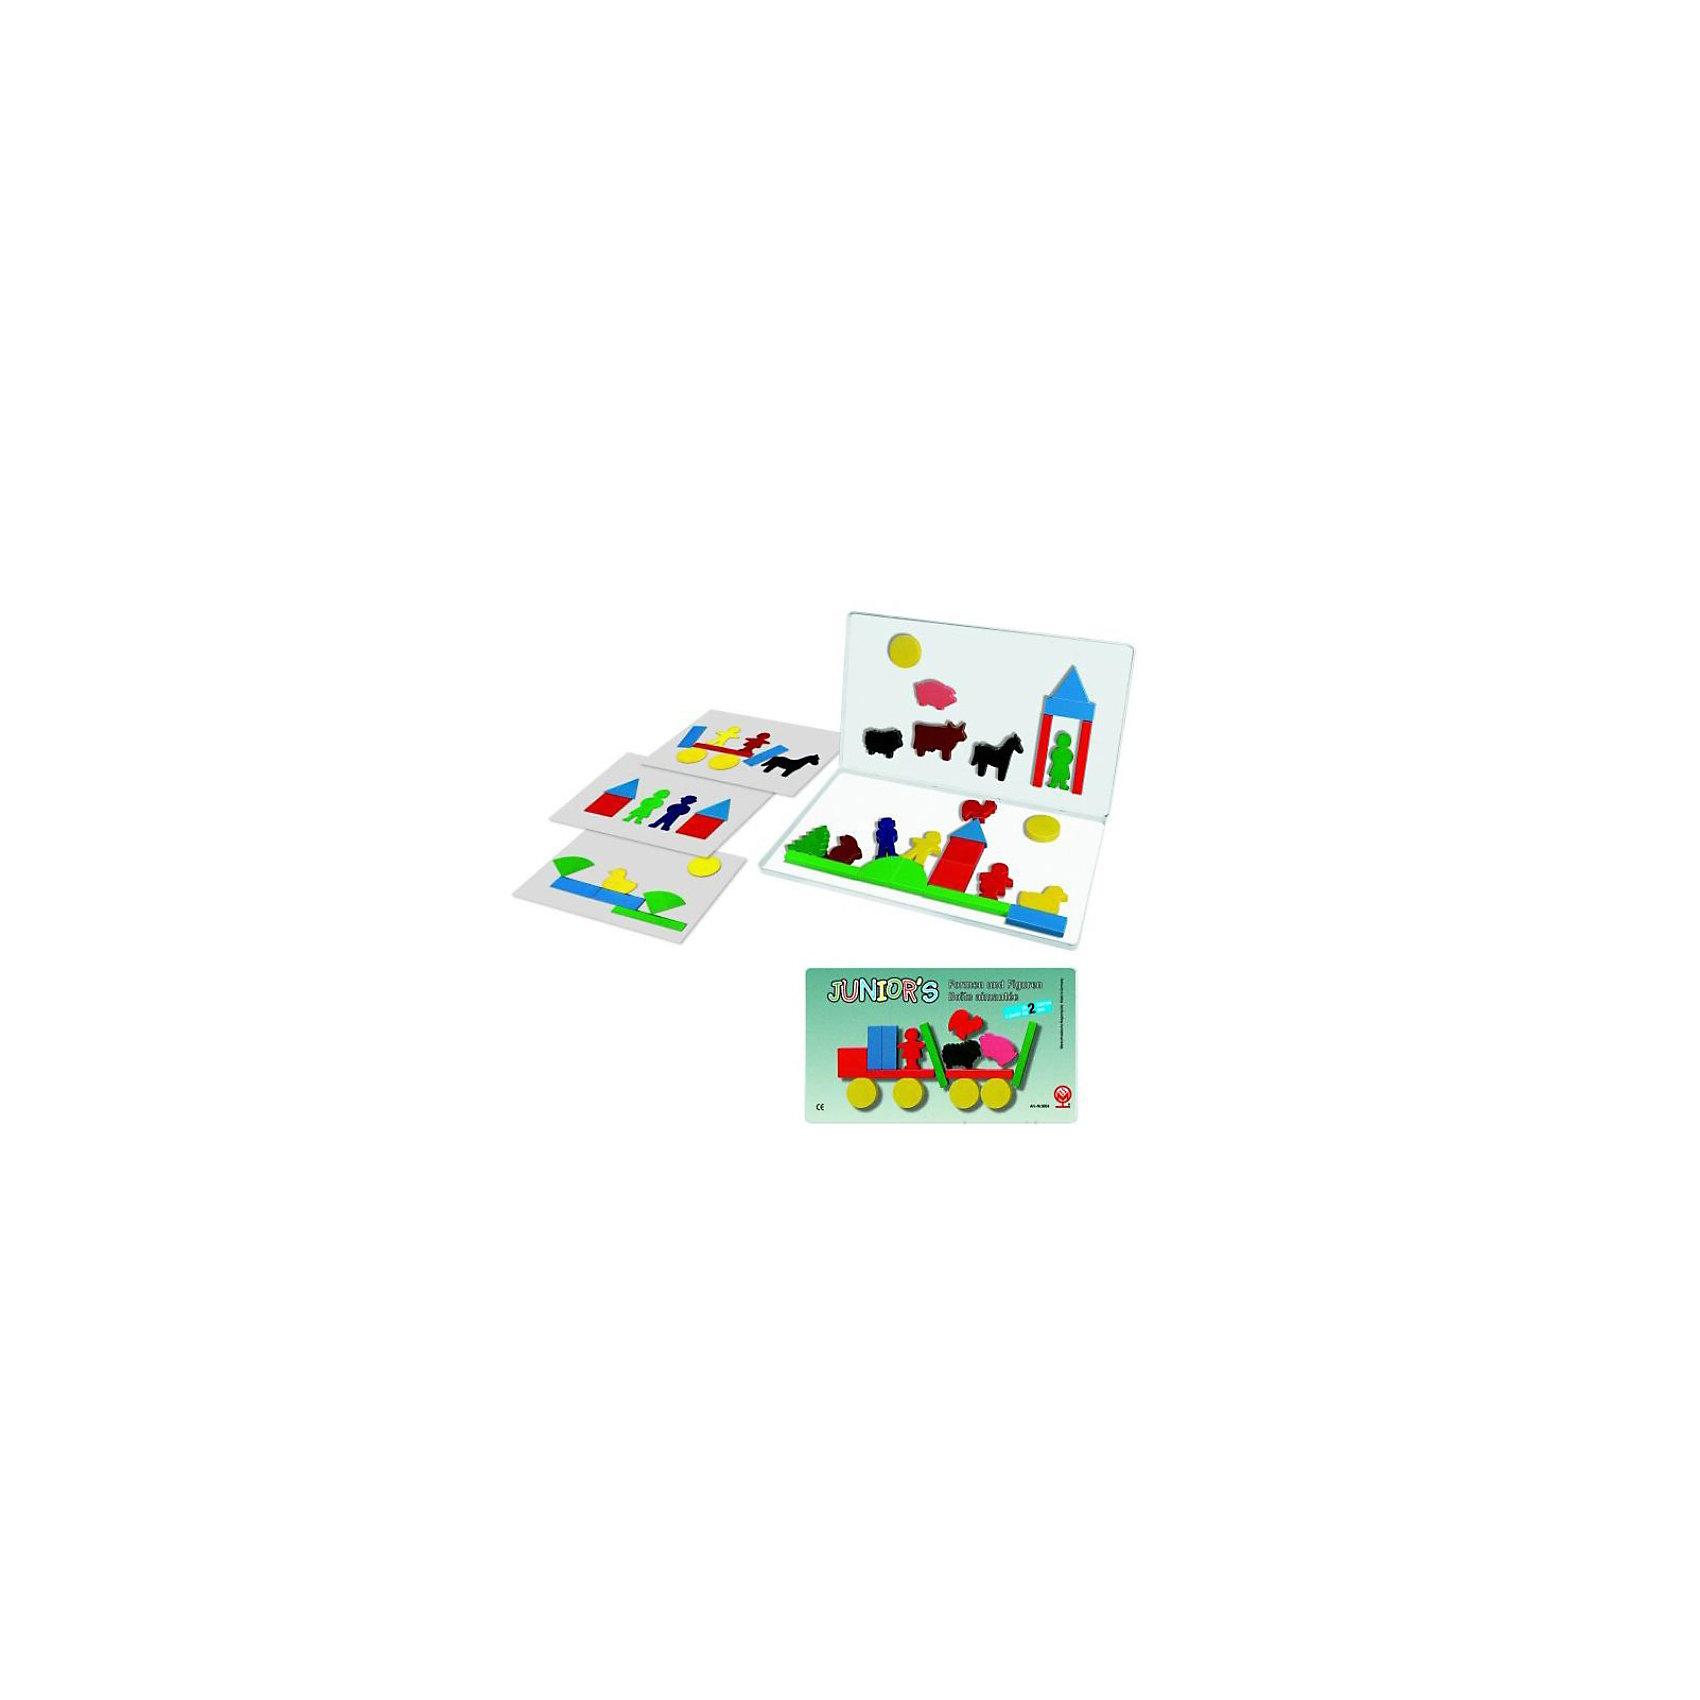 Магнетбокс Юниор Формы и фигуры, MagnetspieleДанный набор не только знакомит ребенка с геометрическими формами, но и тренирует абстрактное мышление. С помощью этих фигурок можно так же строить домики, создать свою ферму и играть в ролевые игры. Магнитная доска в комплекте. Все элементы выполнены из экологически чистого материала<br><br>Ширина мм: 325<br>Глубина мм: 190<br>Высота мм: 15<br>Вес г: 570<br>Возраст от месяцев: 24<br>Возраст до месяцев: 48<br>Пол: Унисекс<br>Возраст: Детский<br>SKU: 2200295